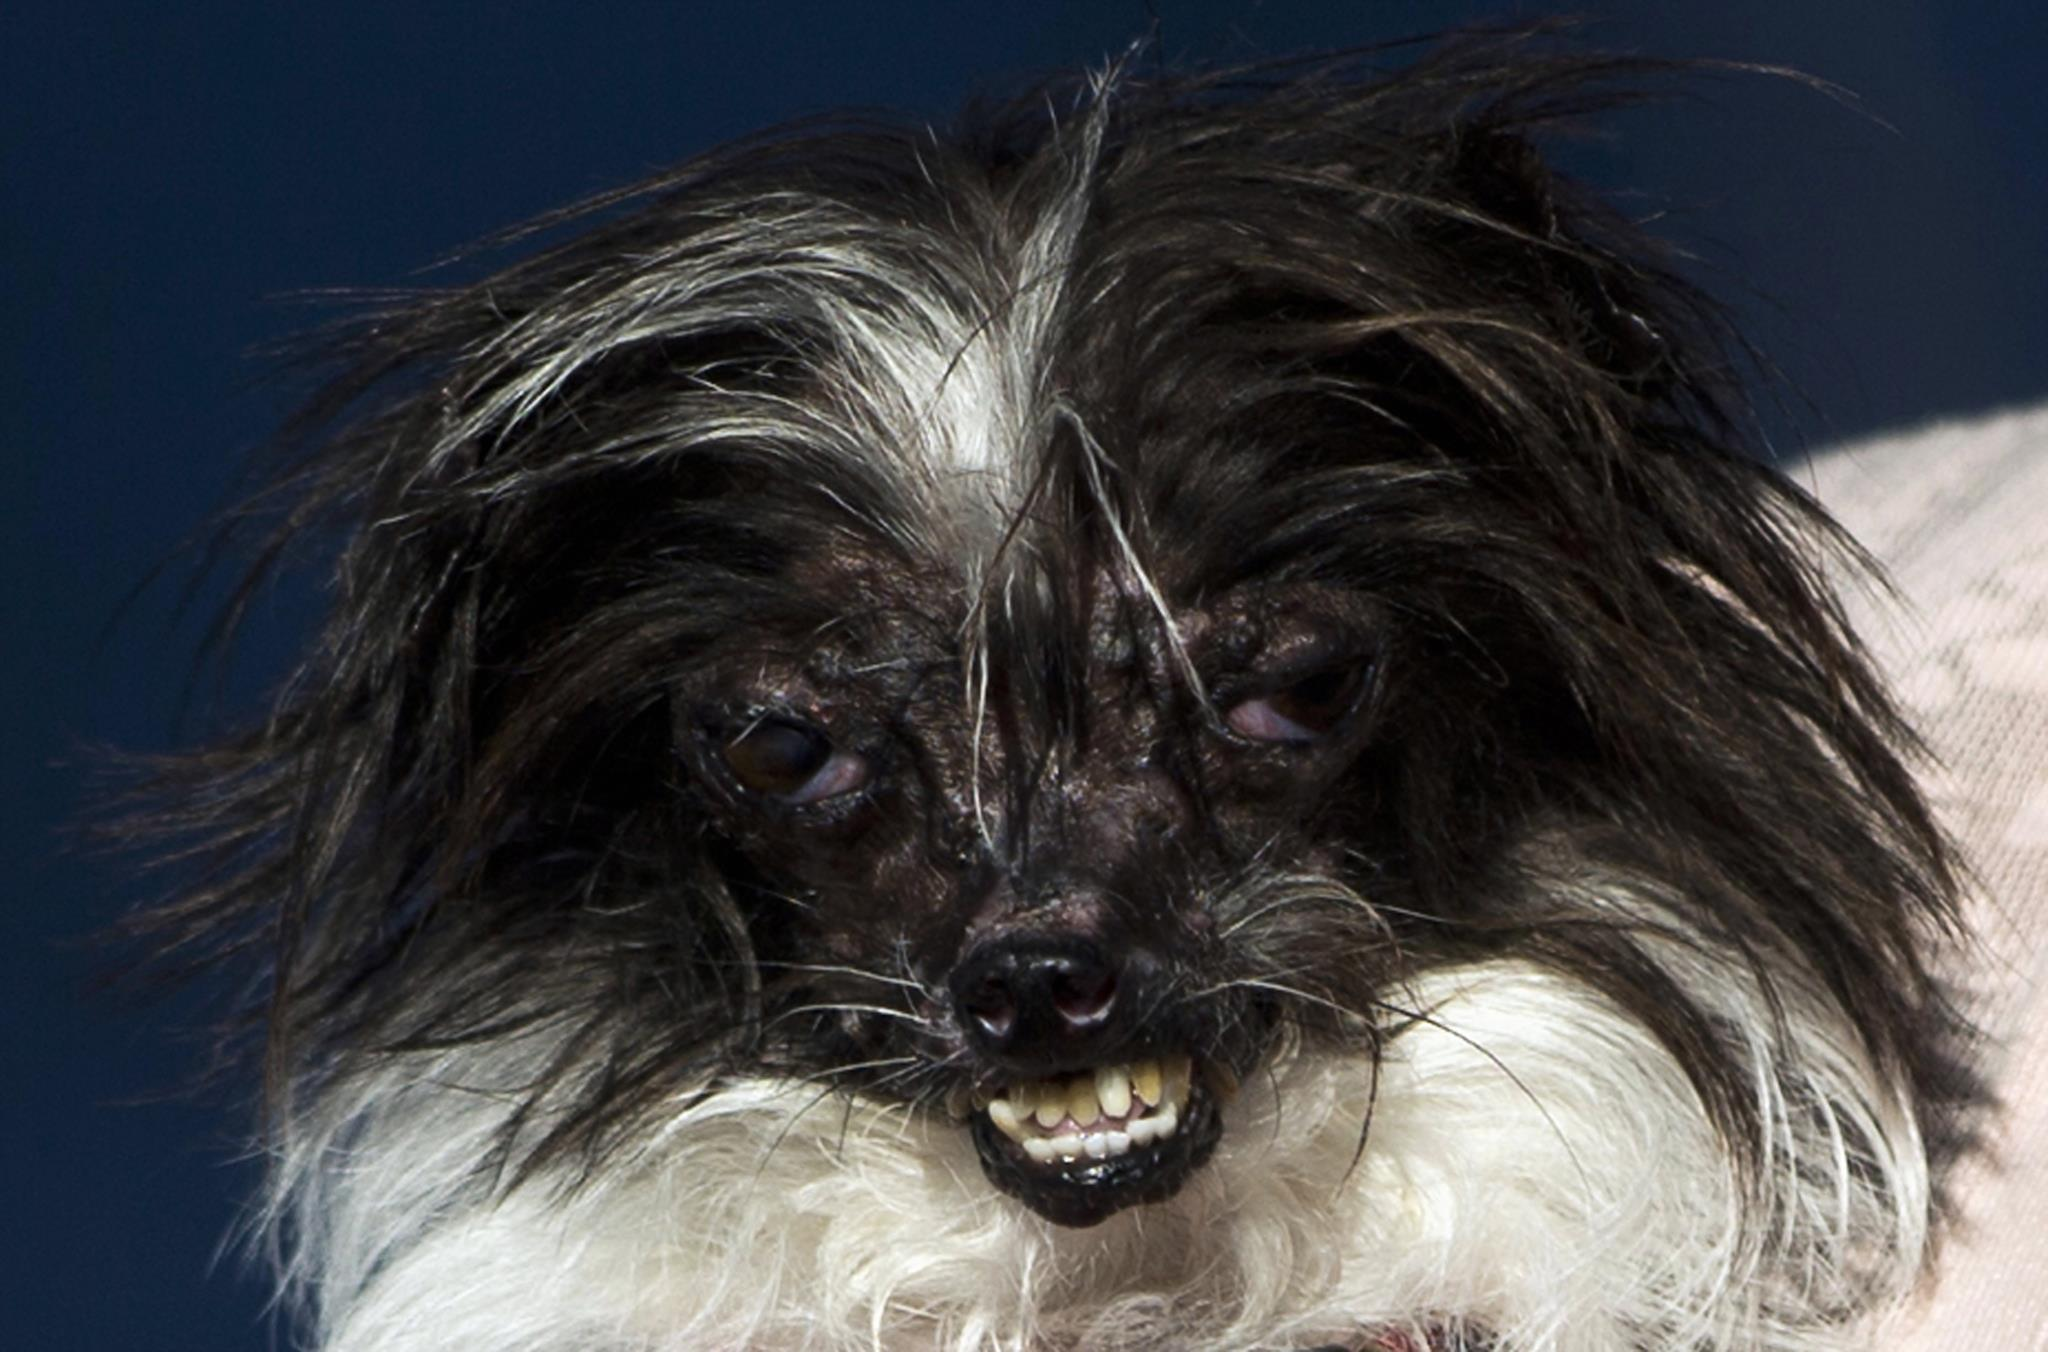 Em 2014, o vencedor do concurso de cão mais feio do mundo foi Peanut